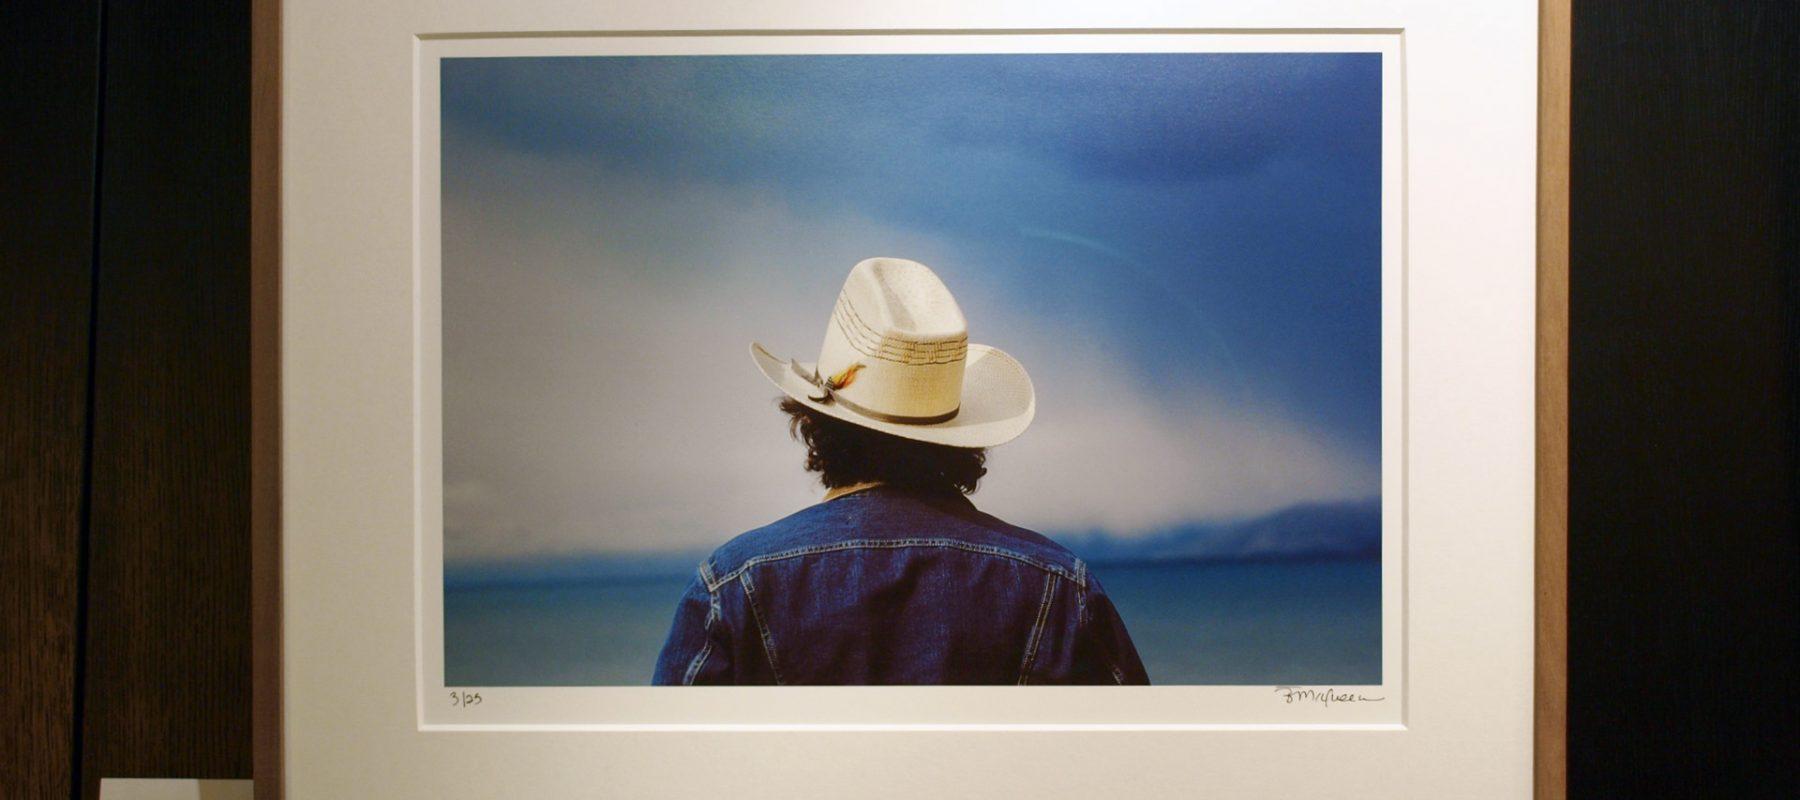 Steve McQueen (1930-1980) wurde in den letzten Lebensjahren von seiner Ehefrau Barbara in sehr persönlichen Momenten fotografiert. Die Sonderausstellung